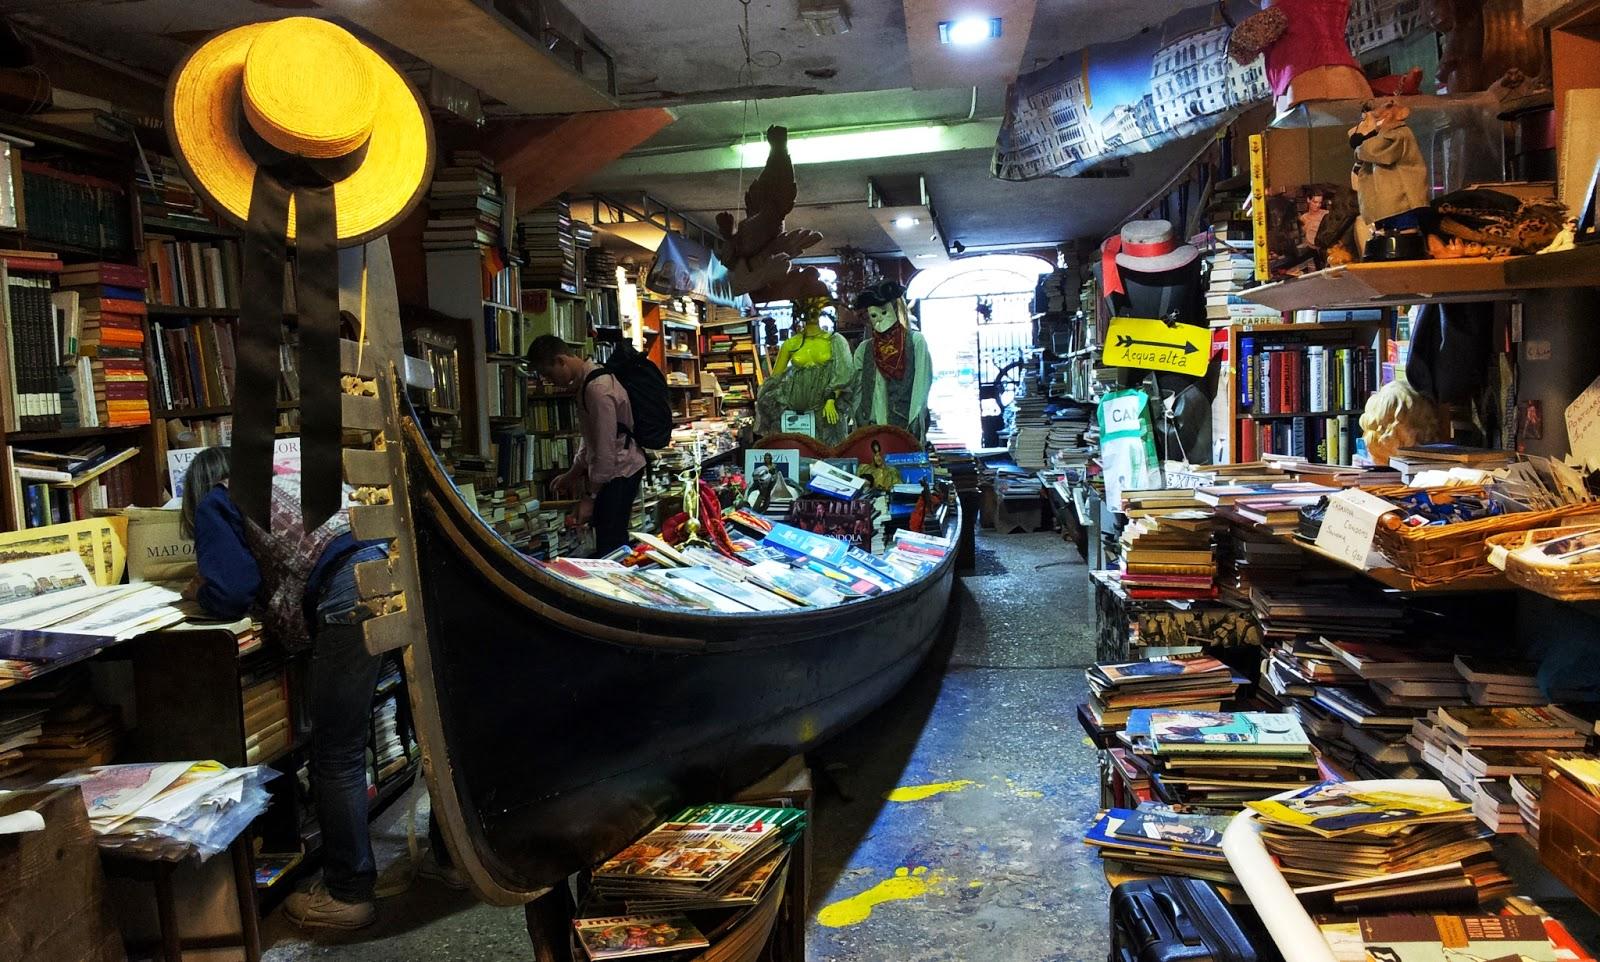 「Libreria acqua alta」的圖片搜尋結果